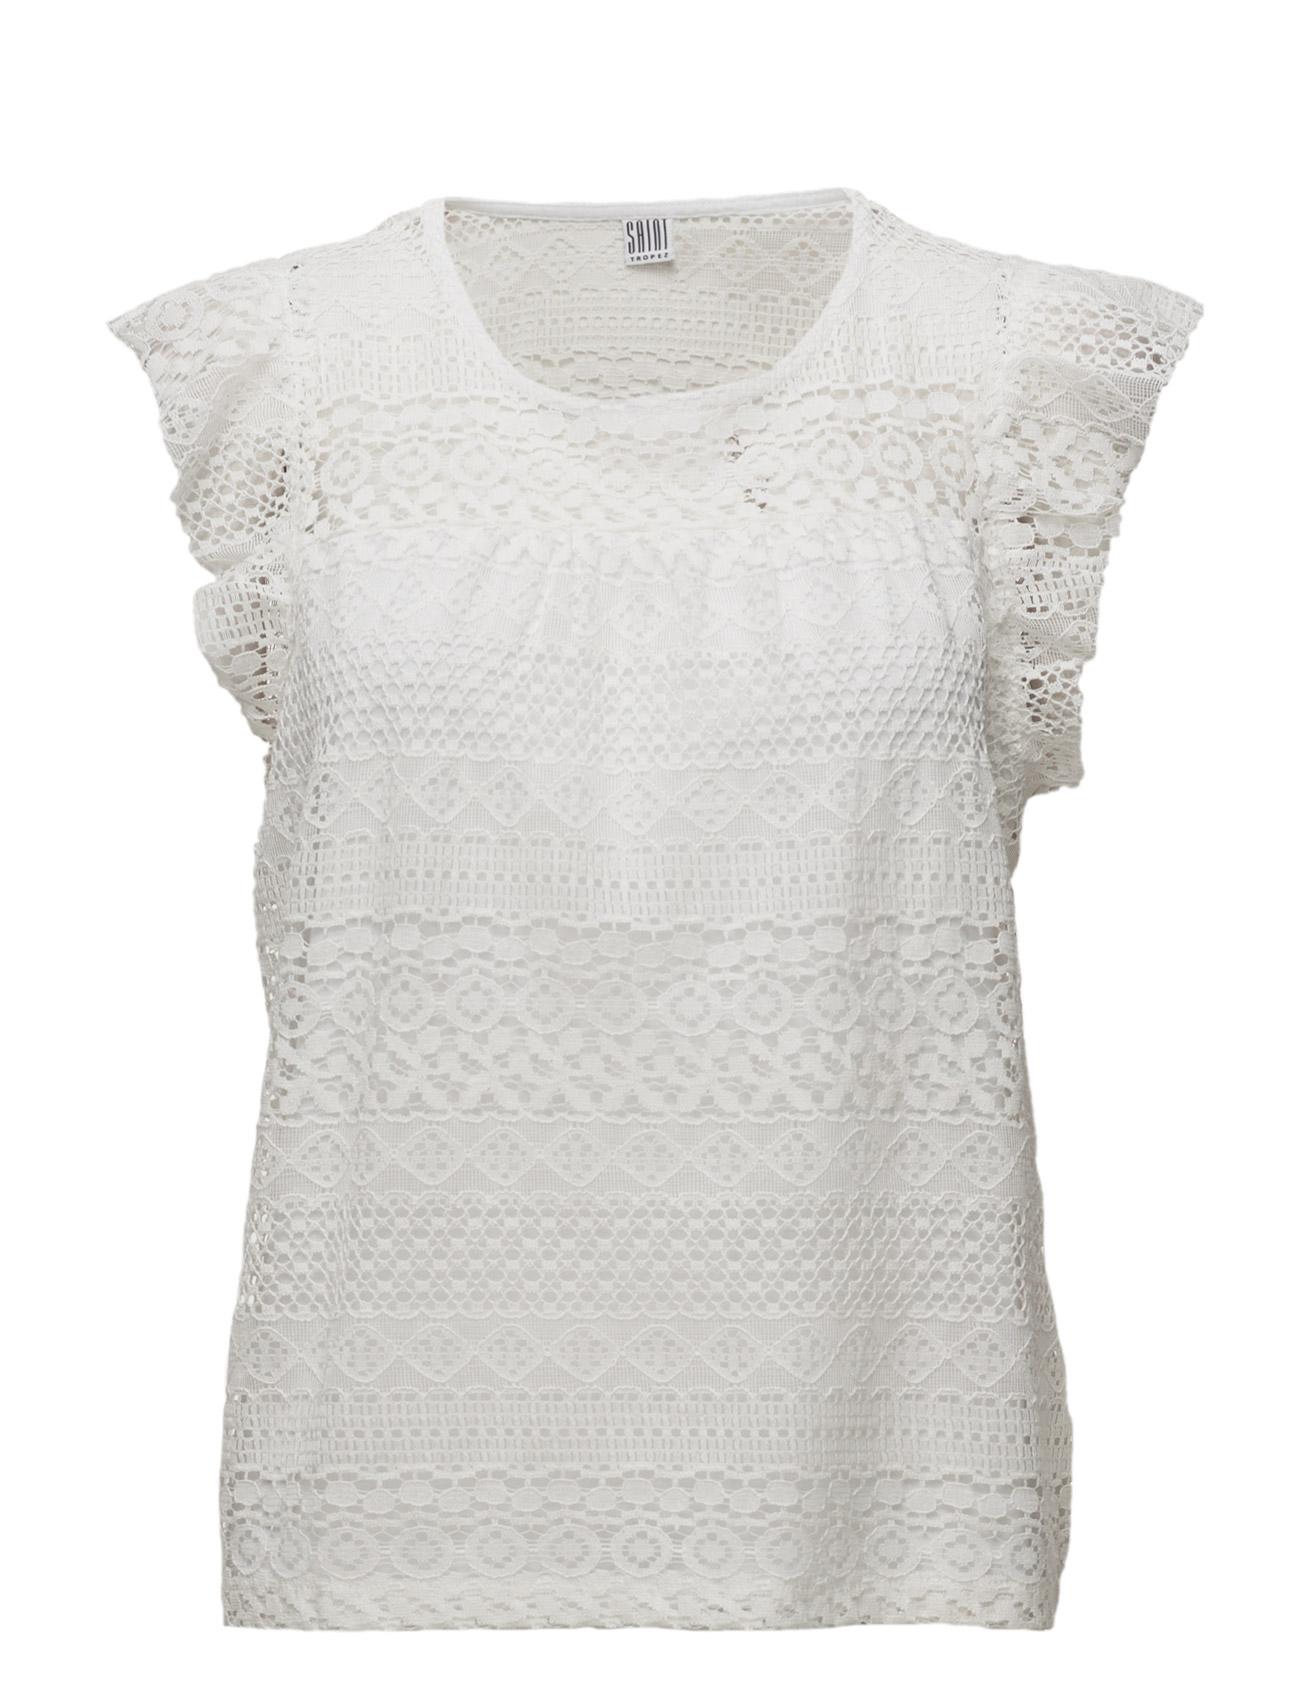 De tuffaste Lace T-Shirt Saint Tropez Kort-Hylsa till Kvinnor i fantastisk  kvalitet b23e5f2f30a7a